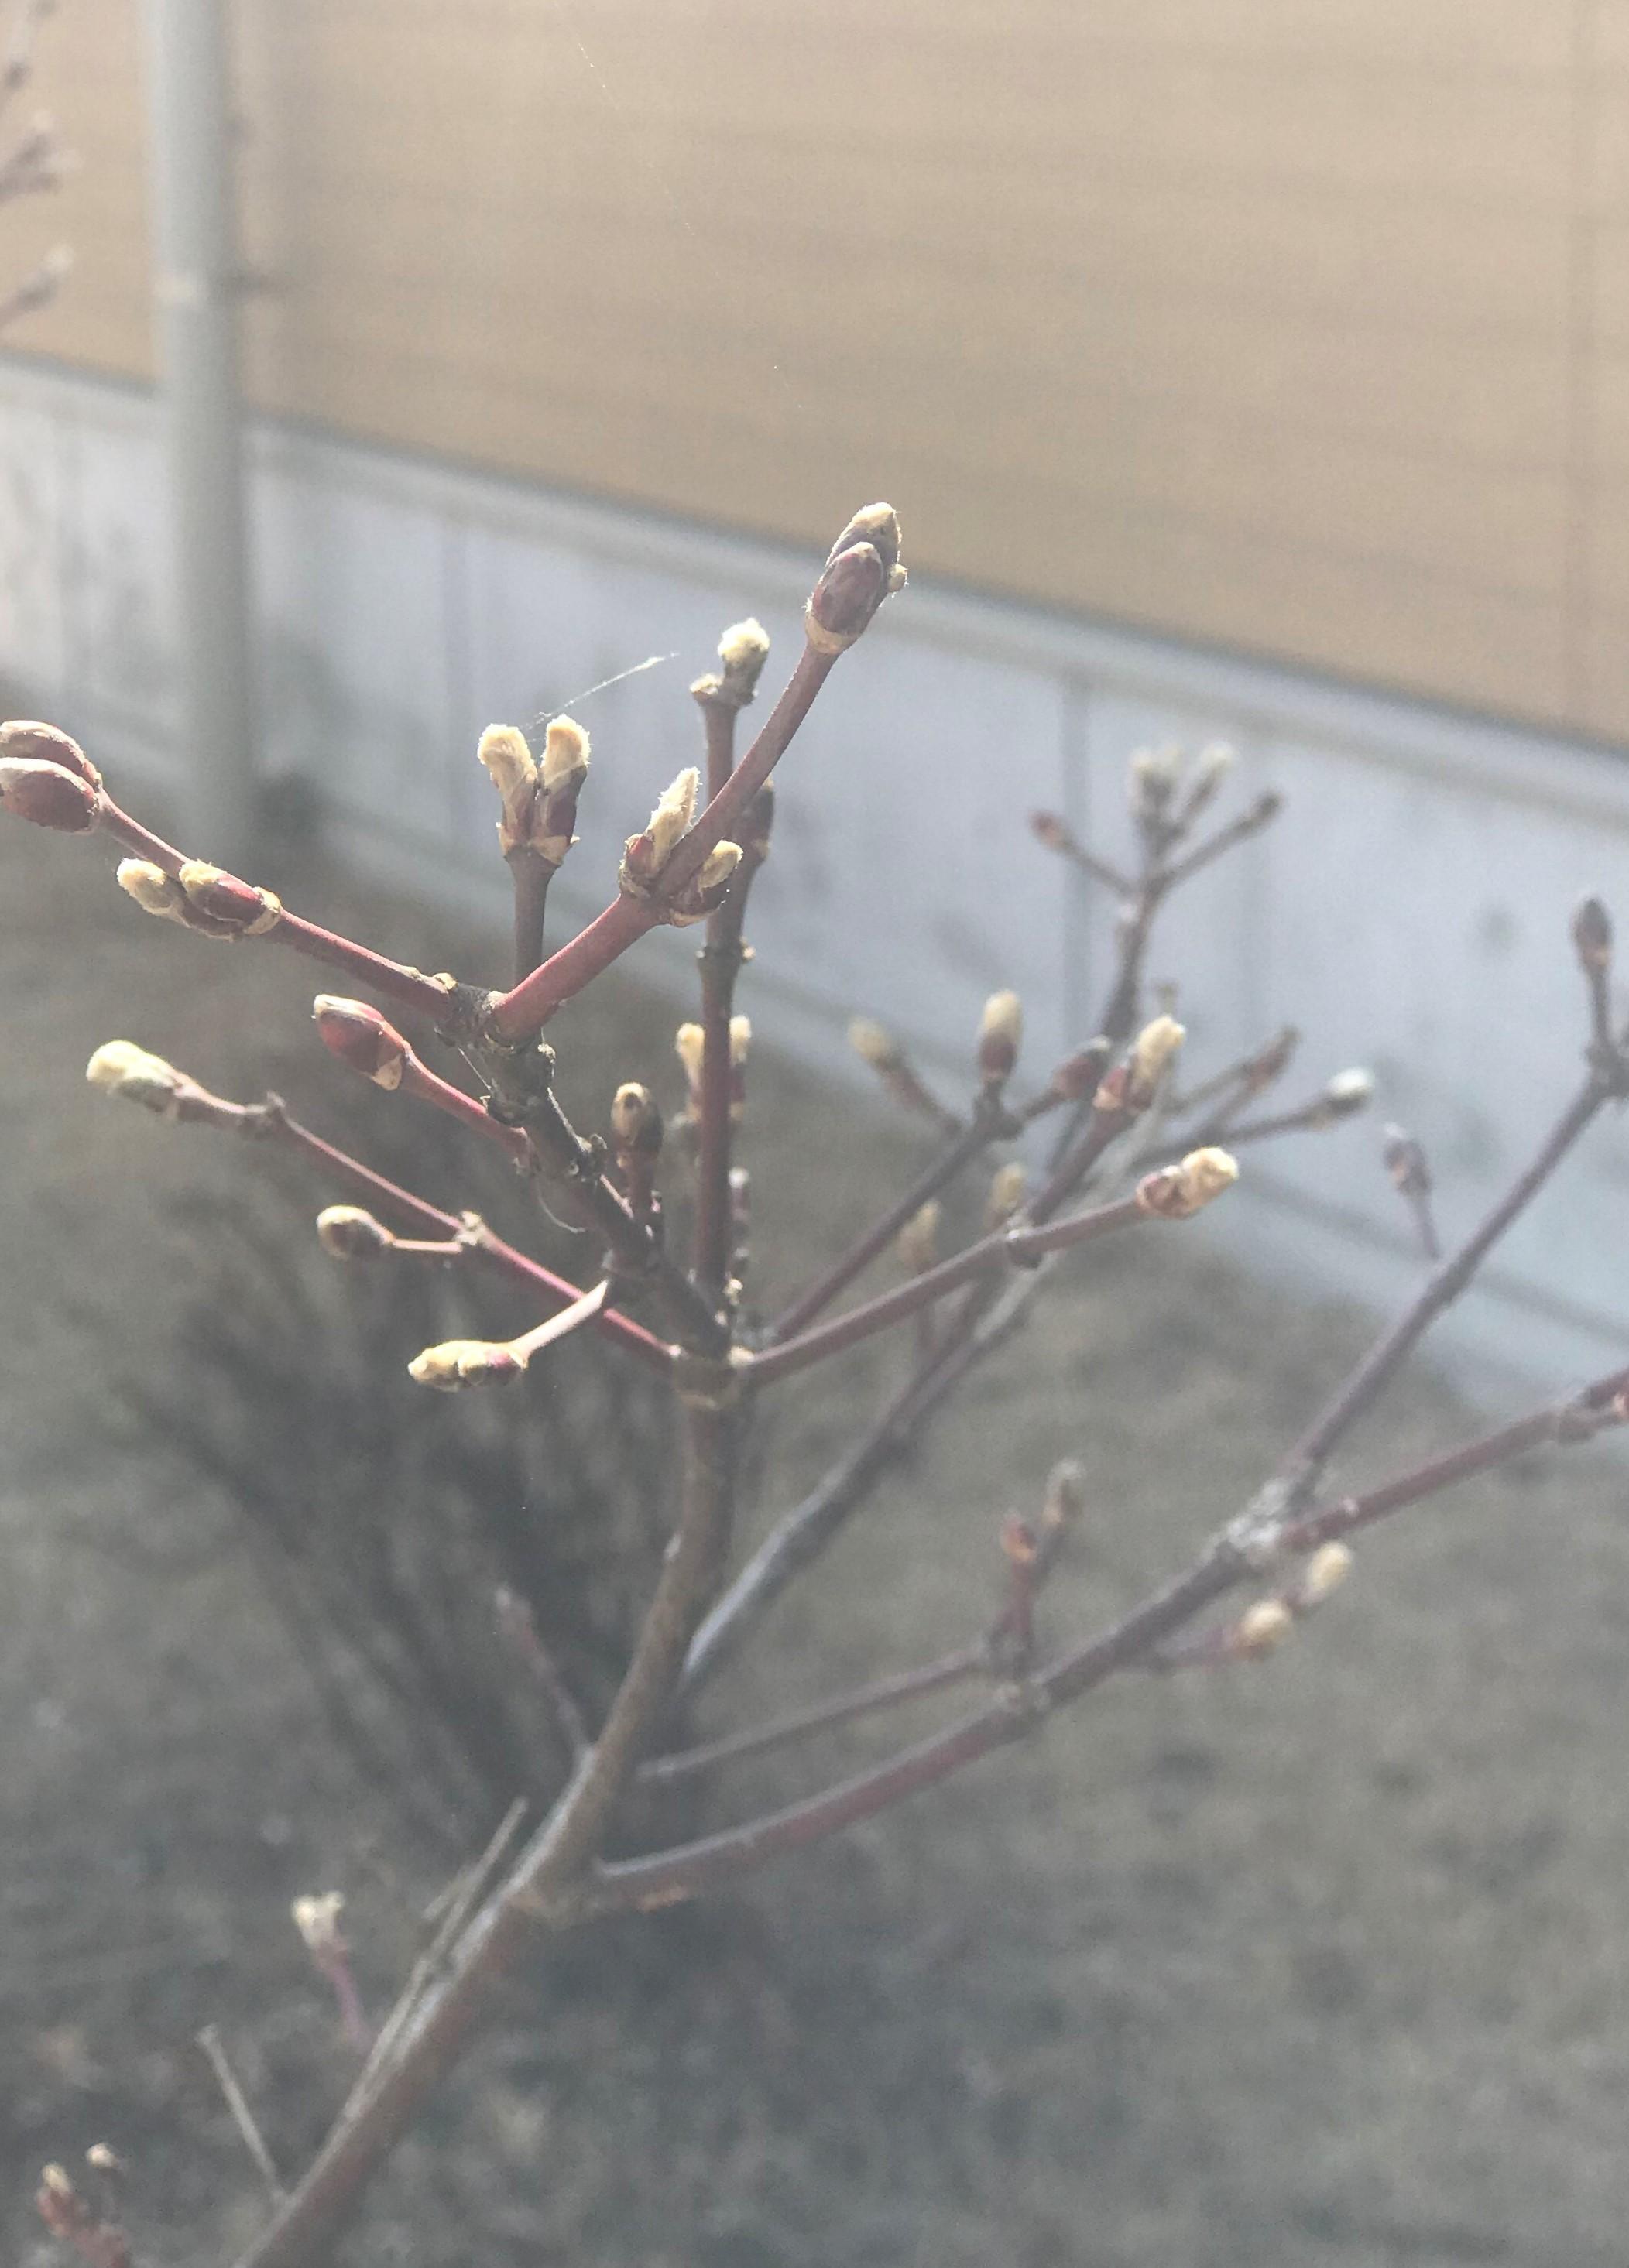 http://chichibu-med.jp/news/IMG_9043.JPG